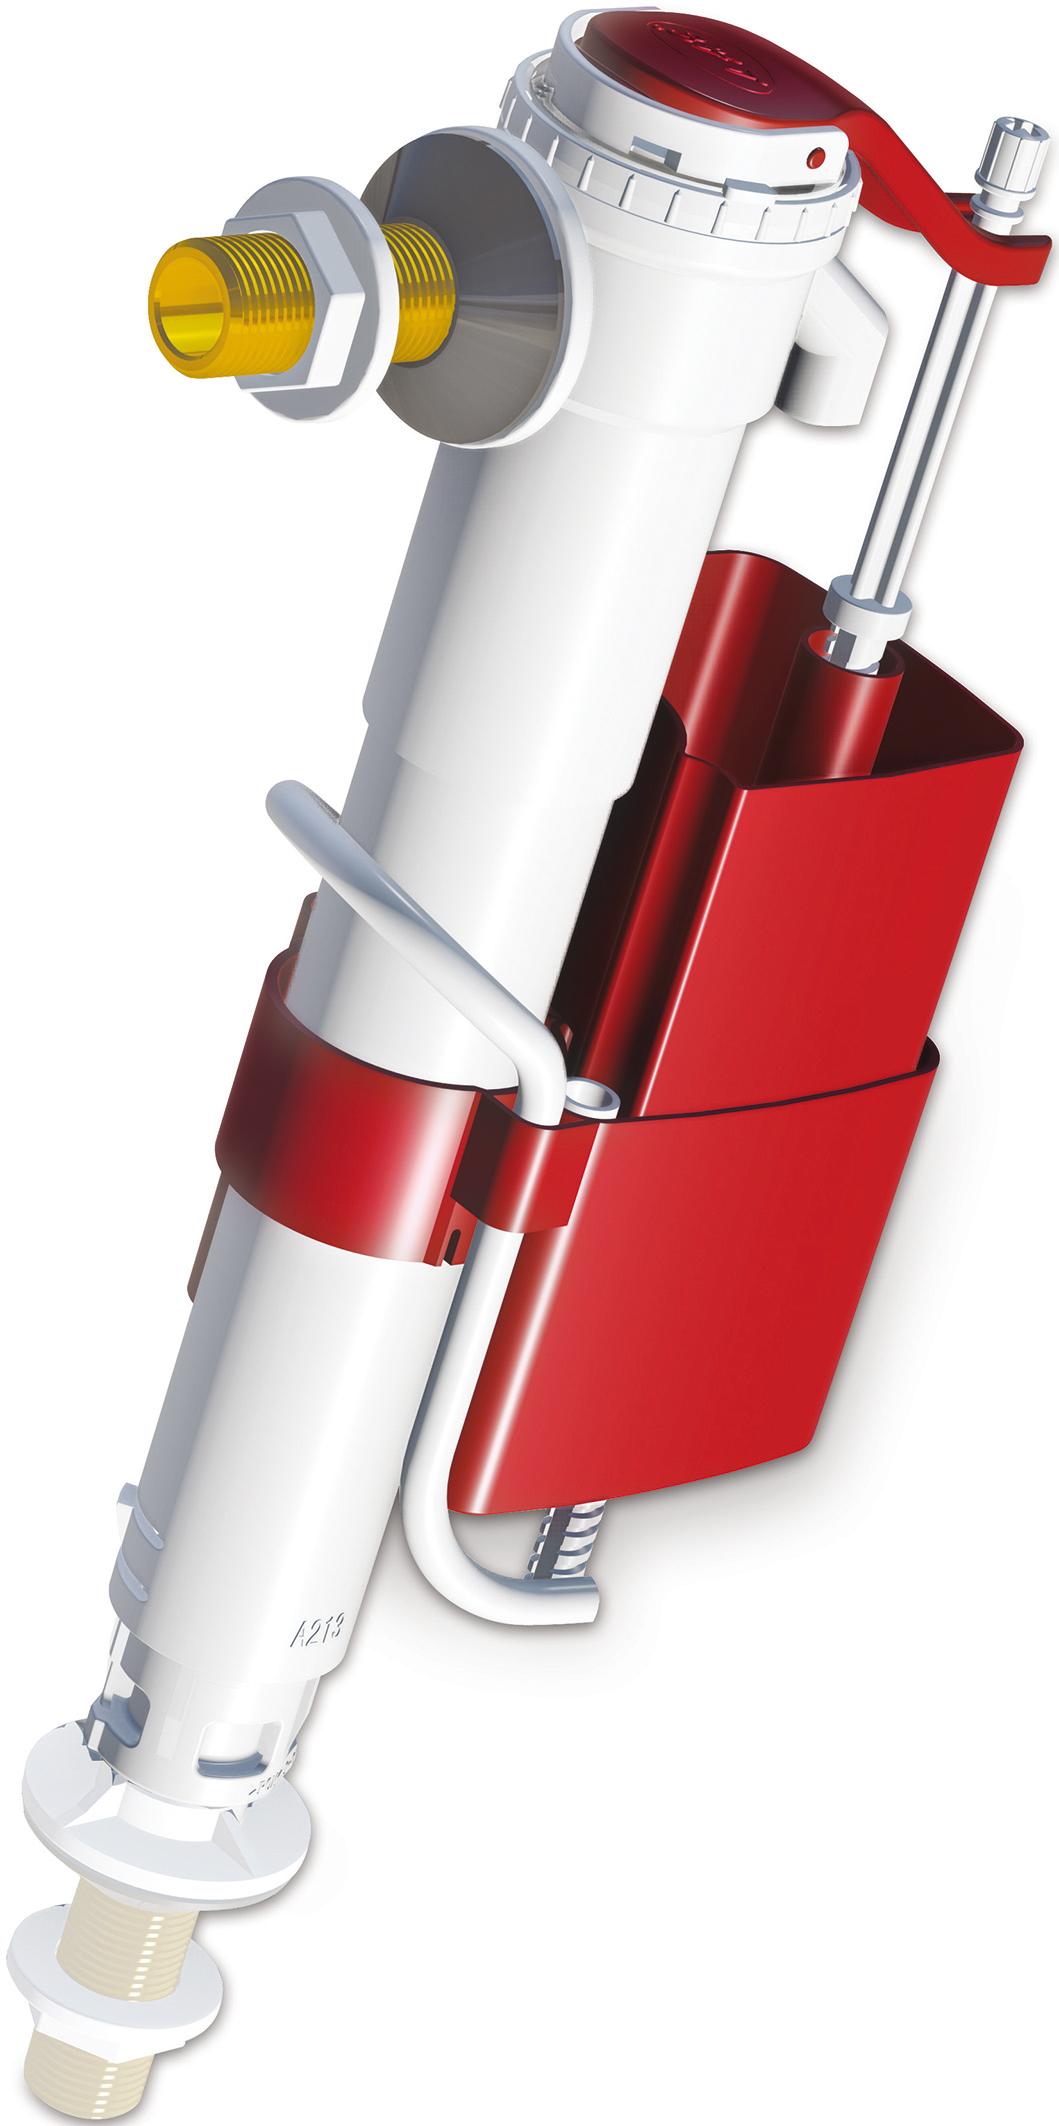 Le robinet anti fuite brico - Fuite d eau toilette ...